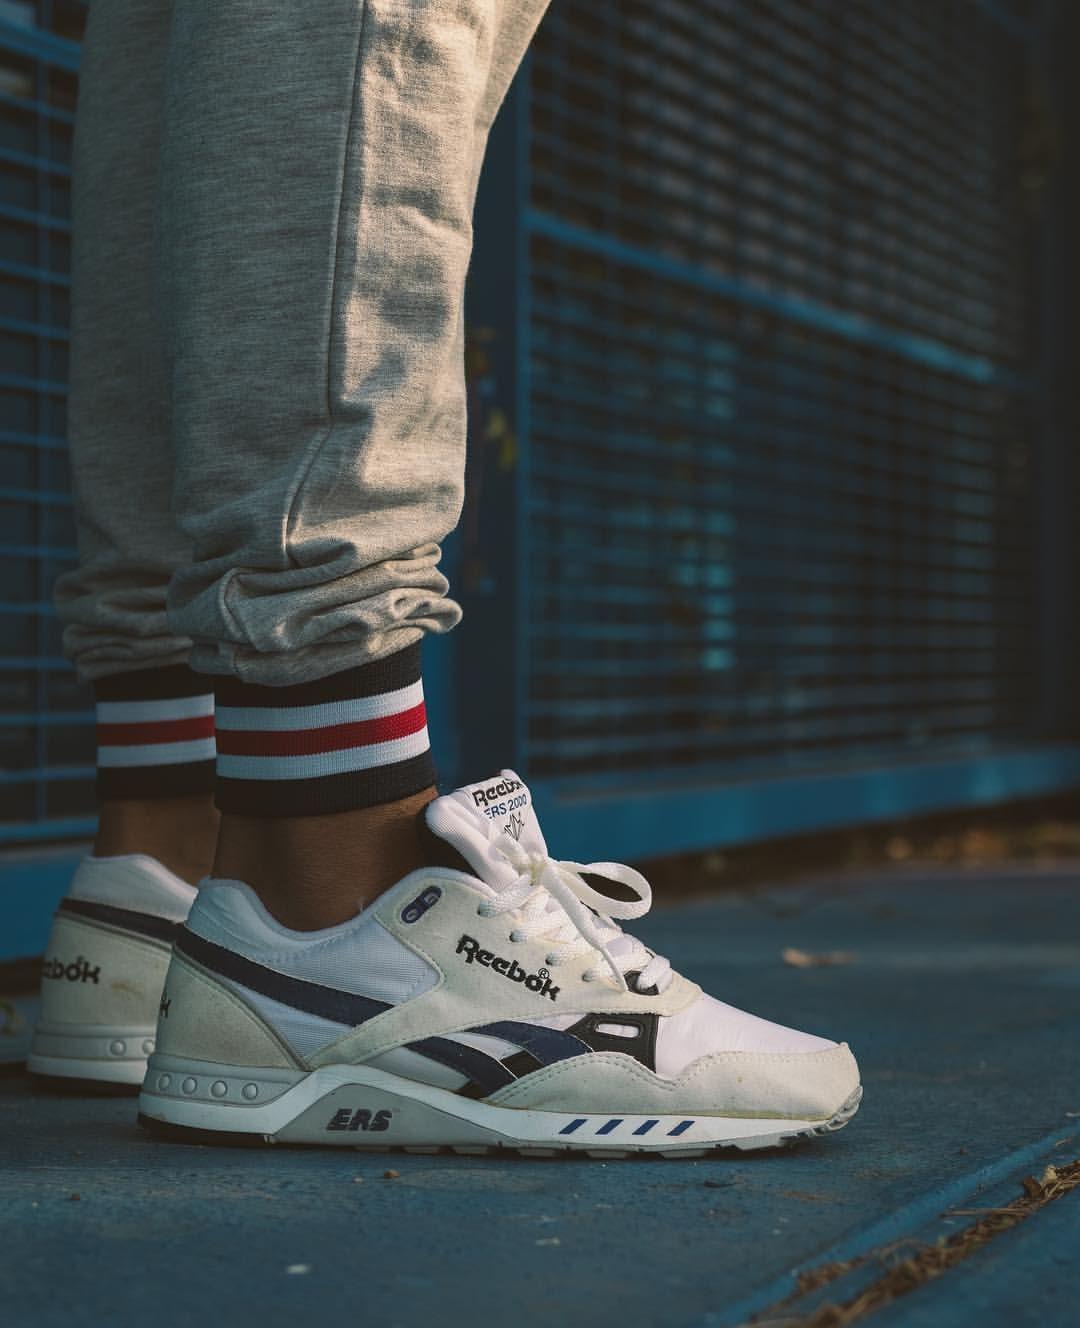 Reebok E R S 2000 en 2019 | Zapatos nike, Calzado nike y Zapatos